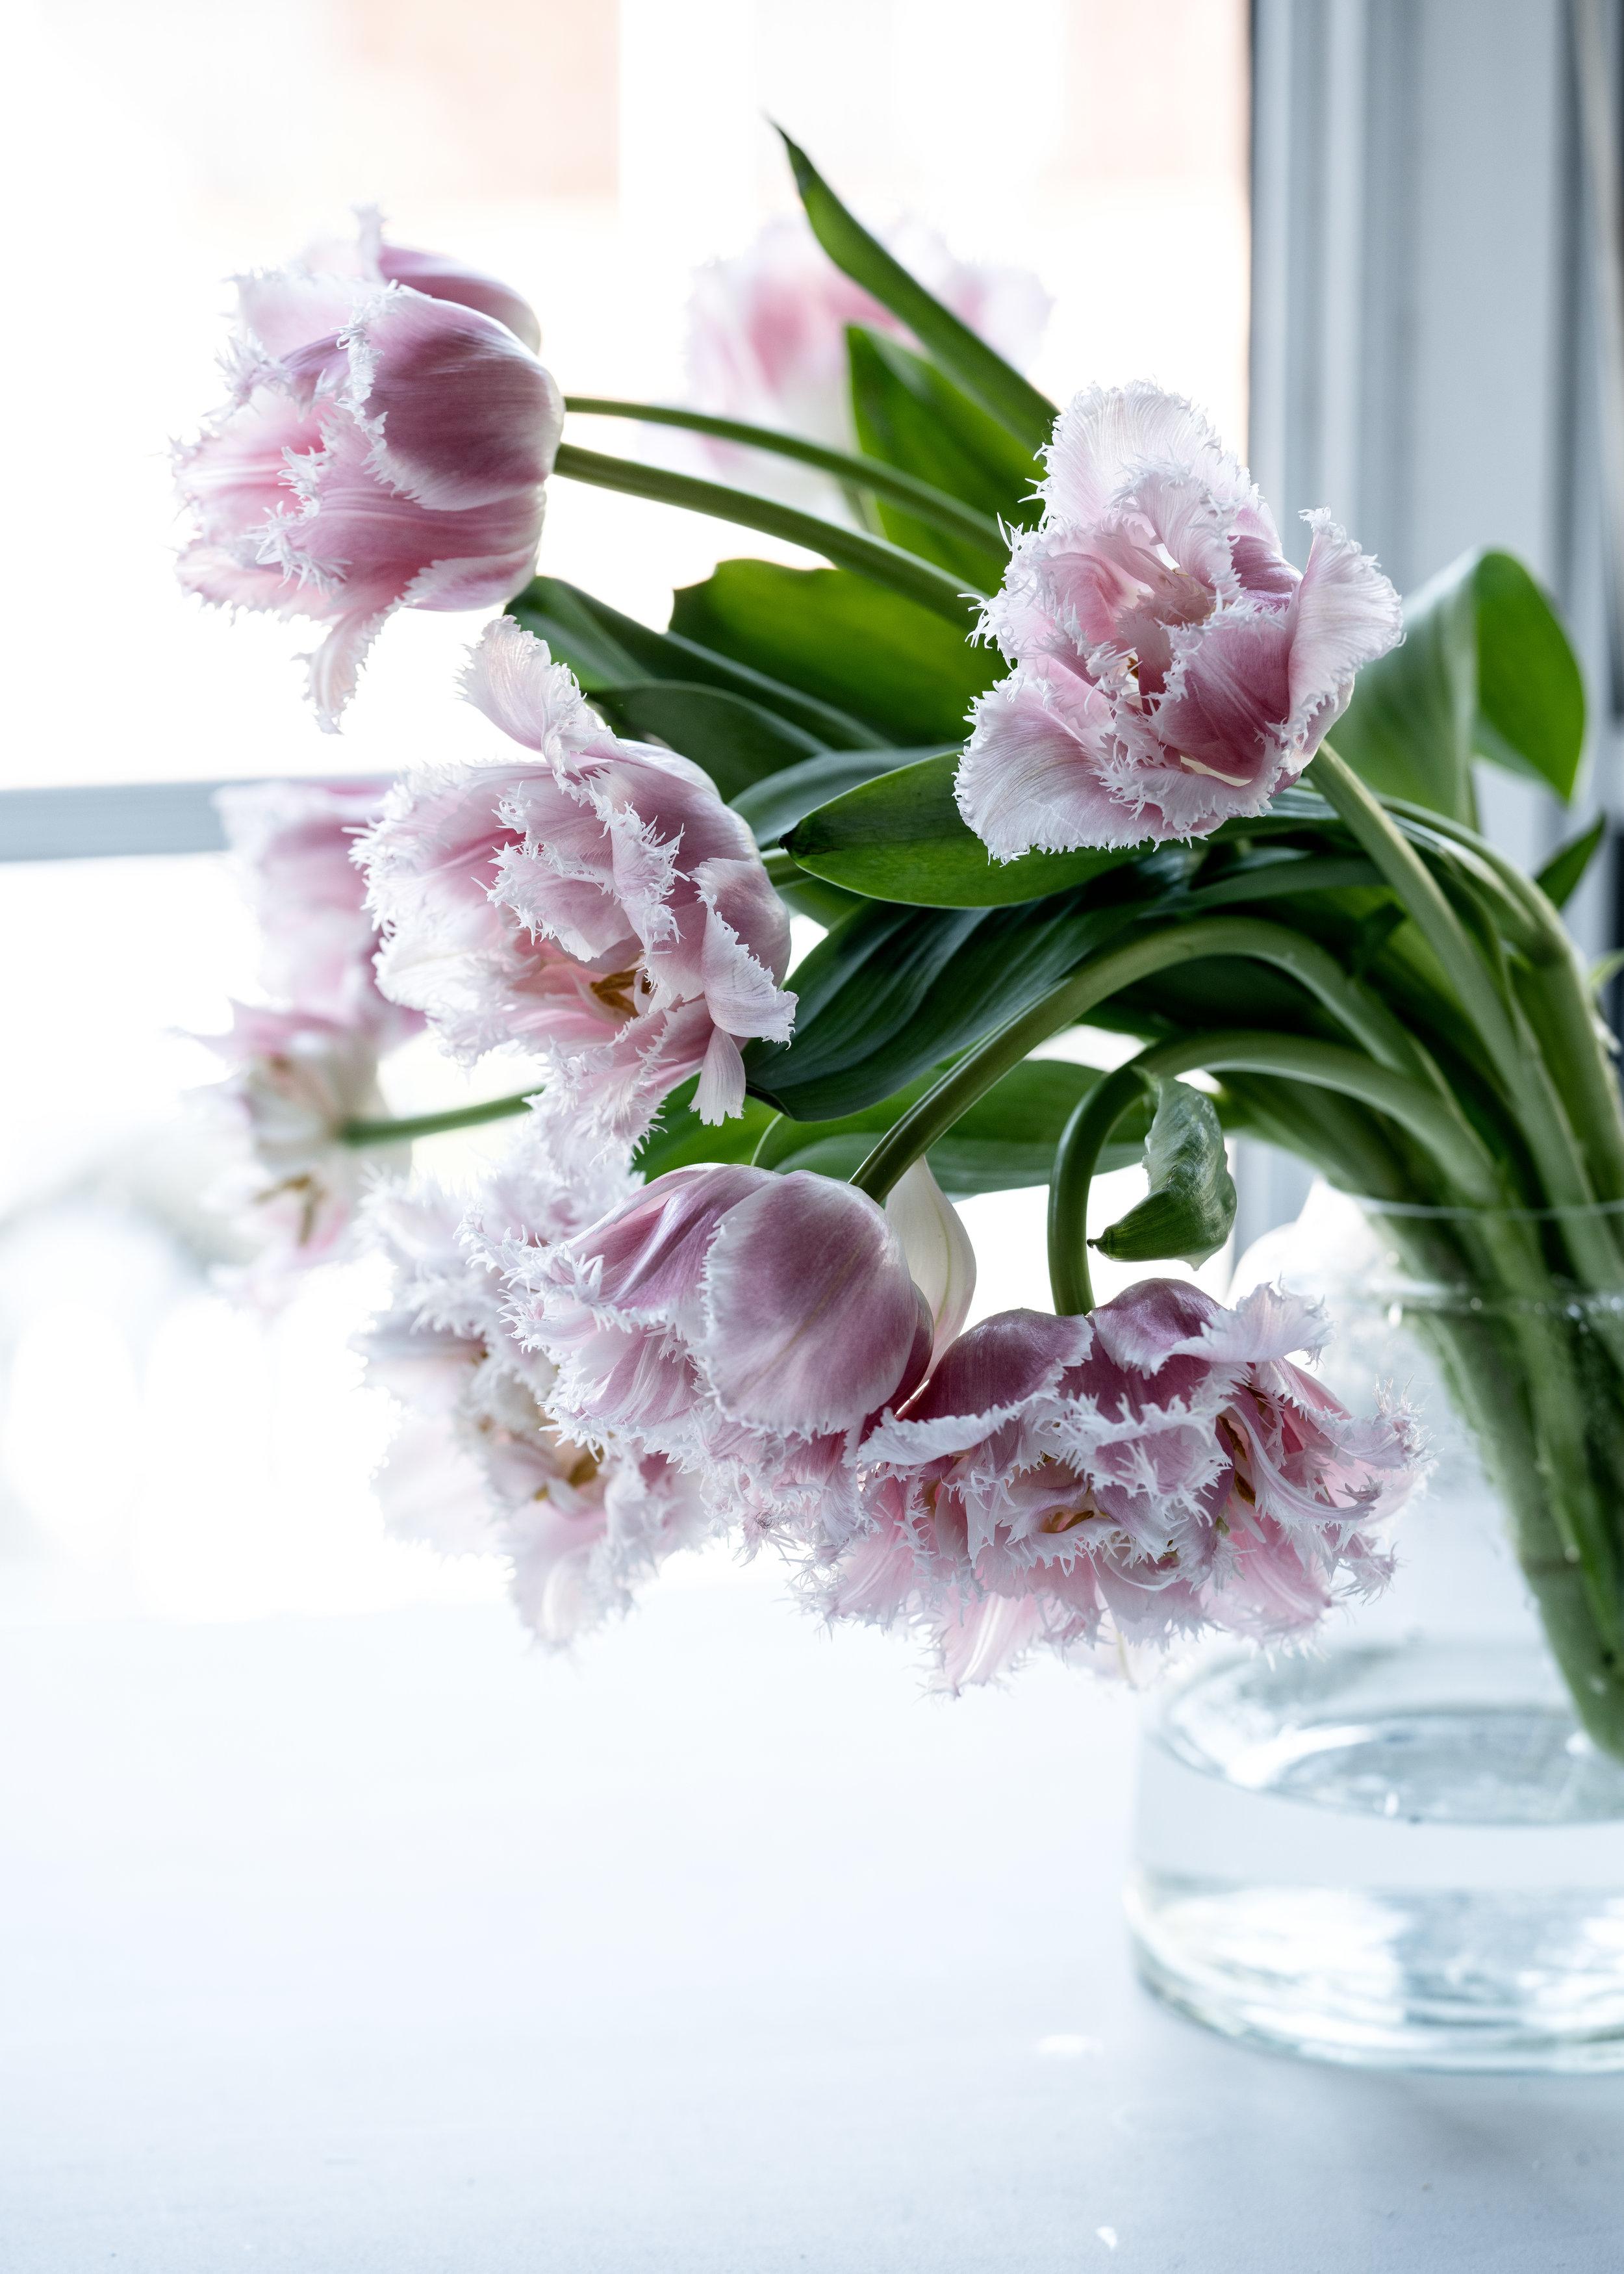 Fringed tulip in vase